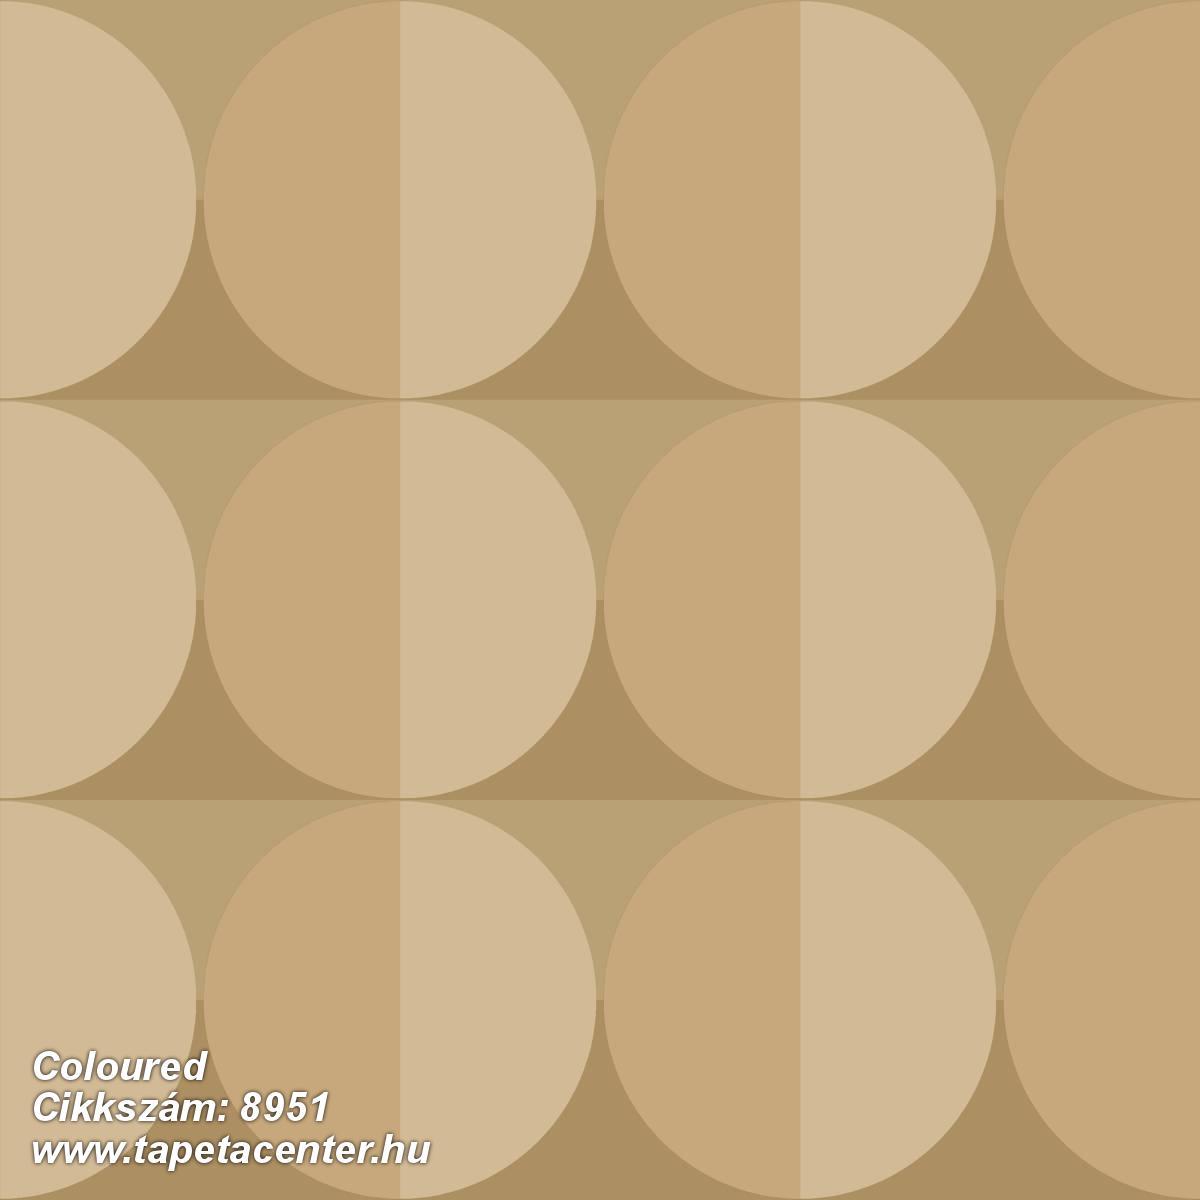 Geometriai mintás,különleges felületű,sárga,lemosható,vlies tapéta